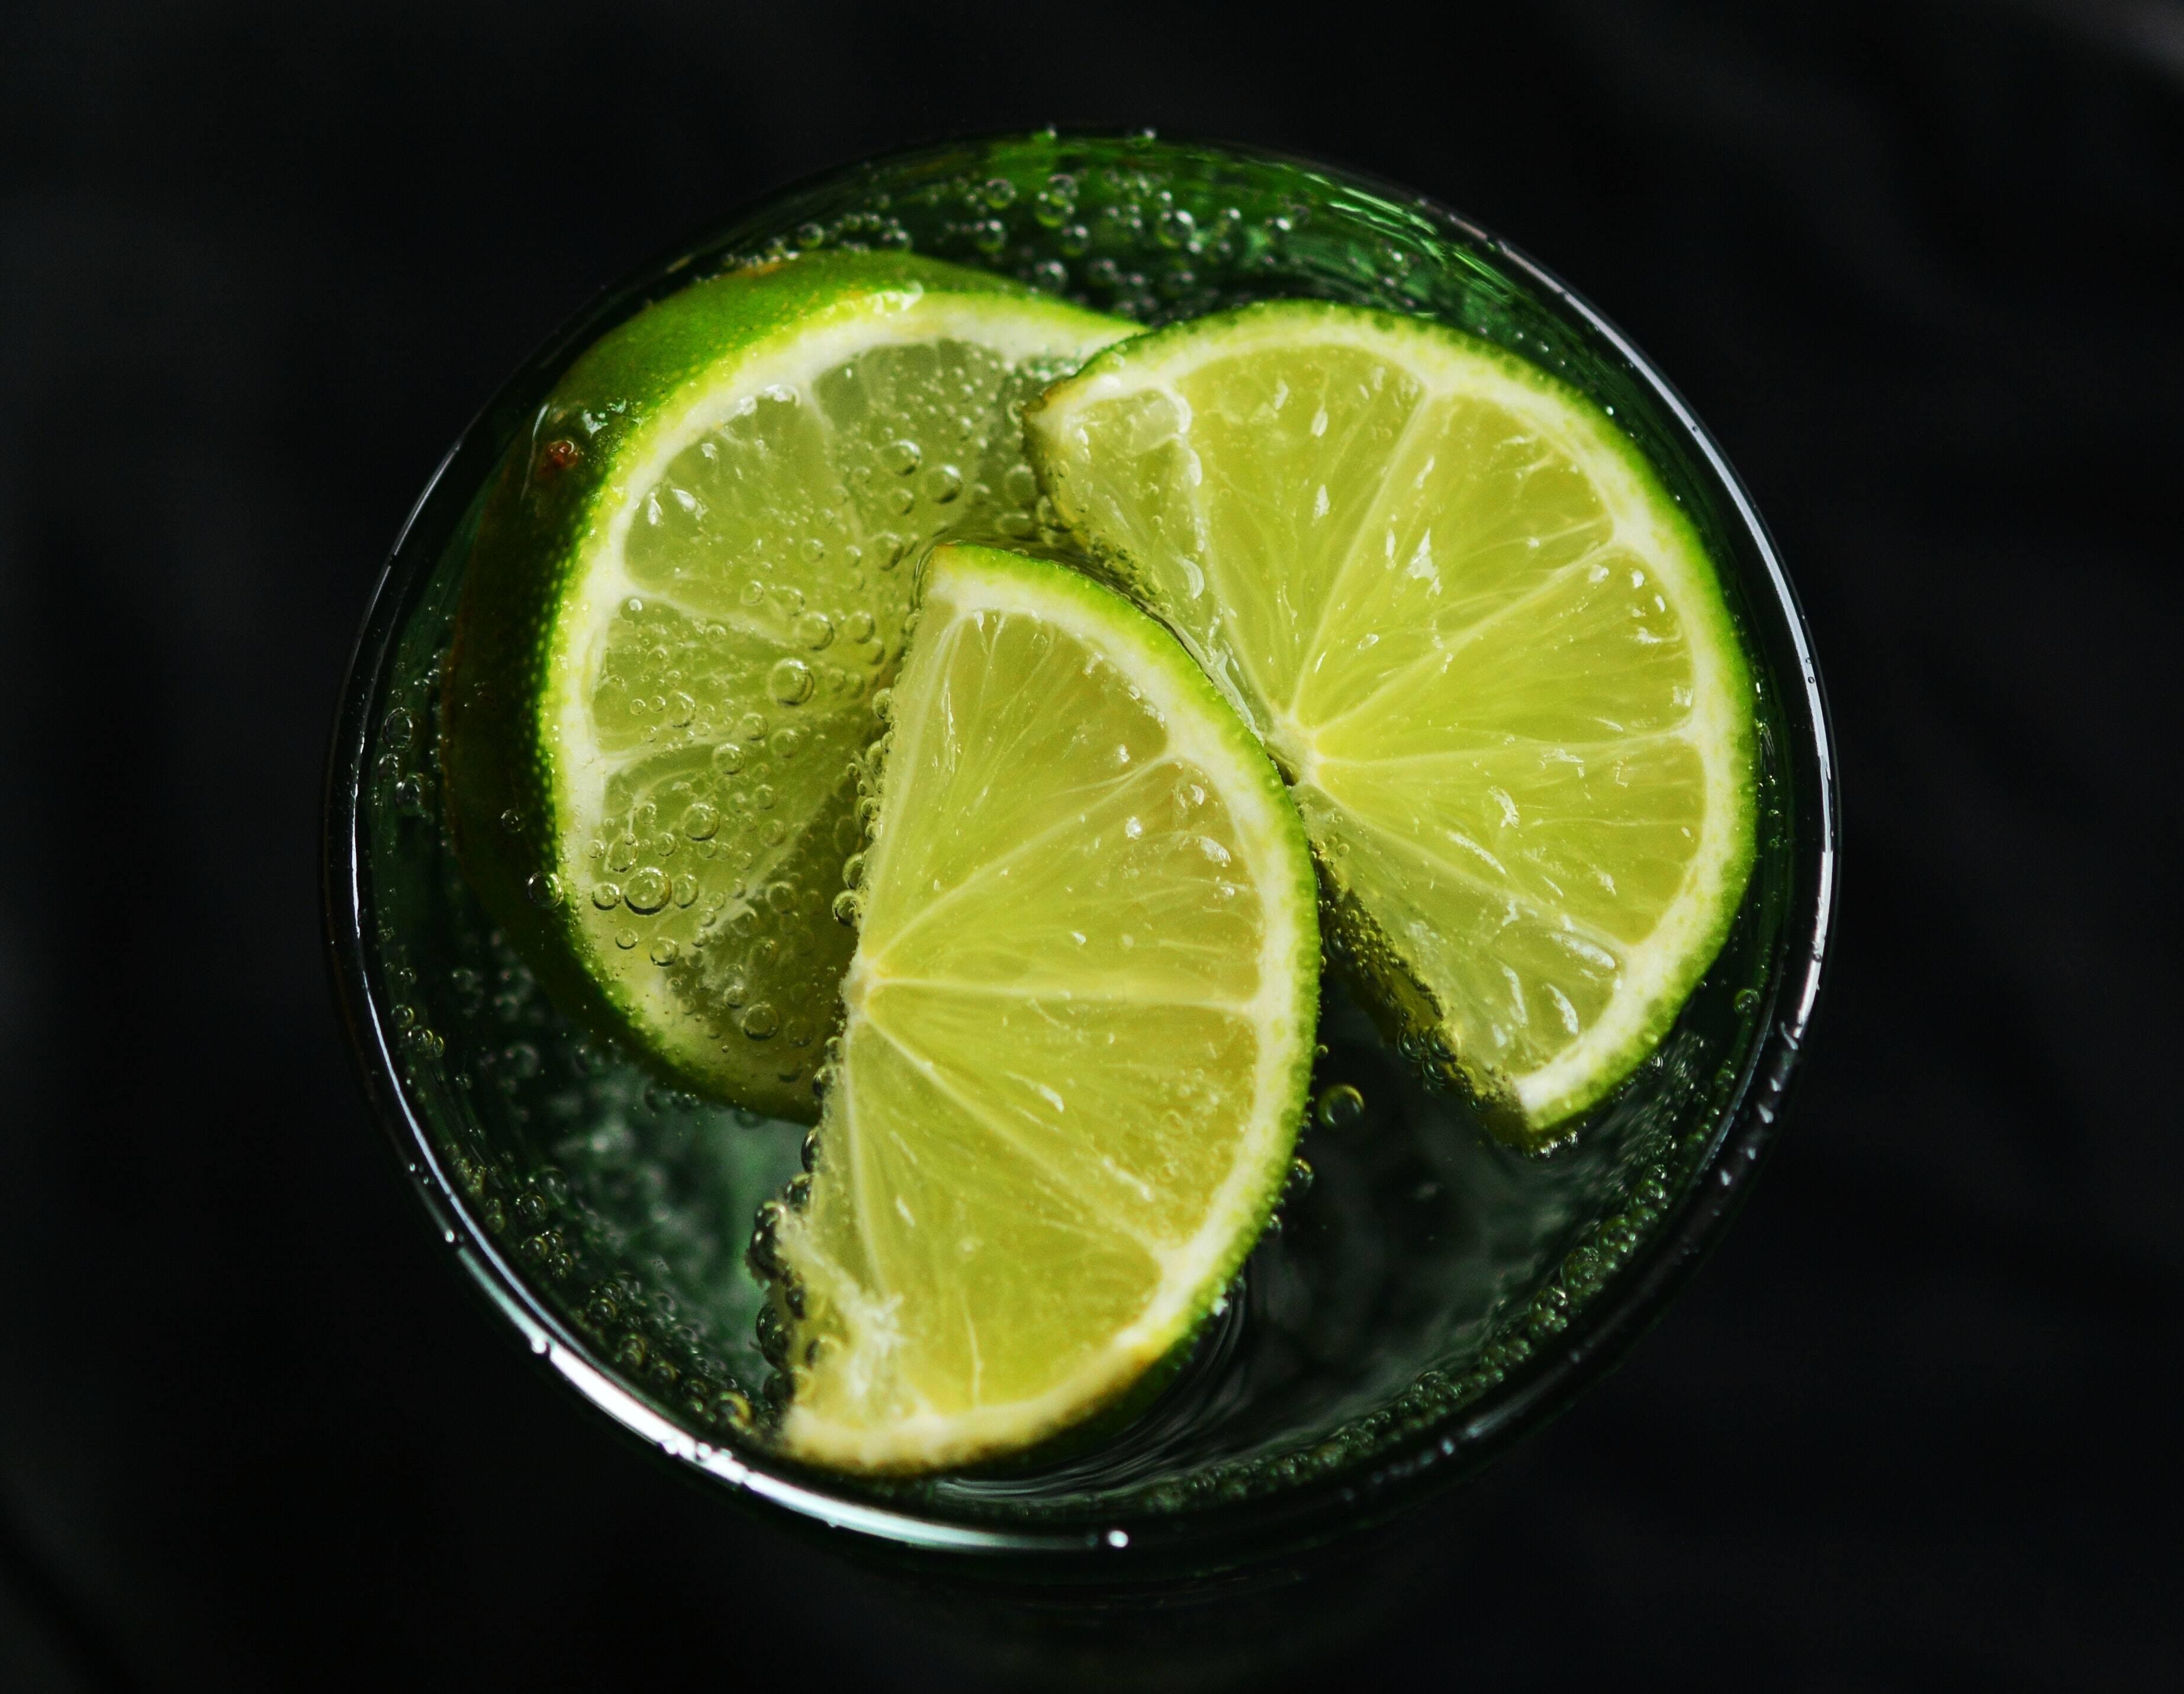 Água com limão - Você tem vários benefícios para a saúde, entre os quais se destacam a proteção do fígado e a regulação da digestão. (Foto: Pexels)